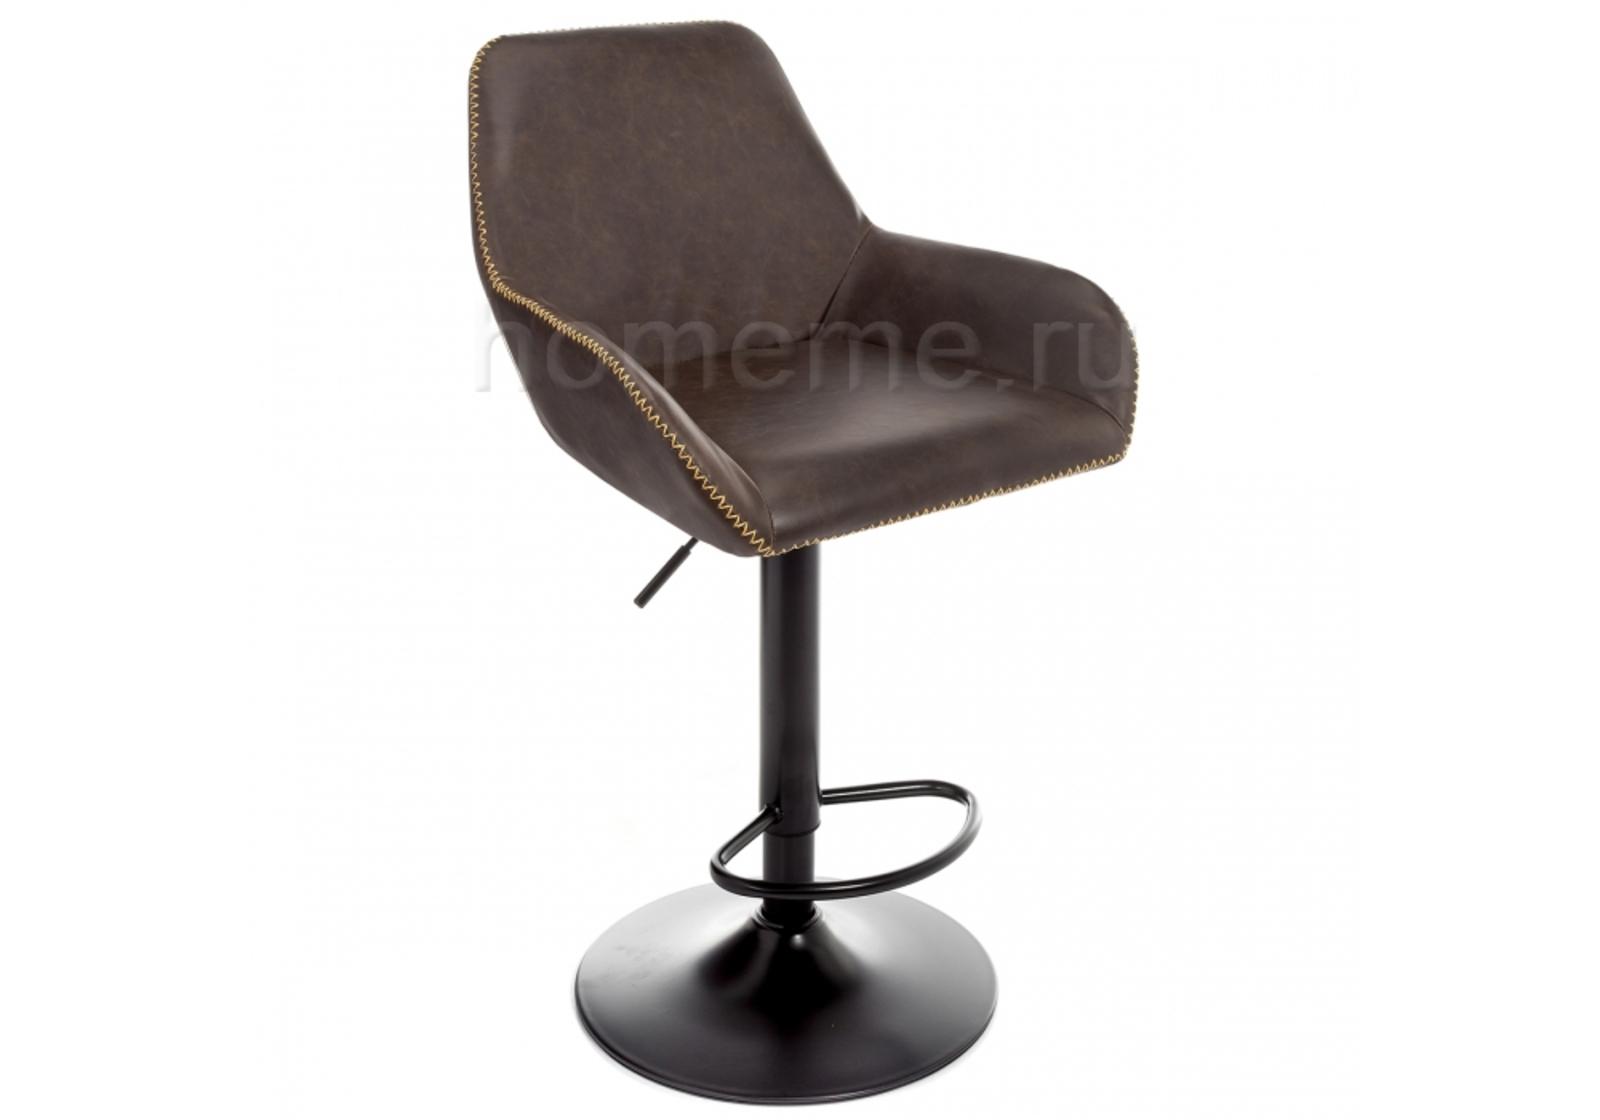 Барный стул Car vintage brown 11355 Car vintage brown 11355 (17558)